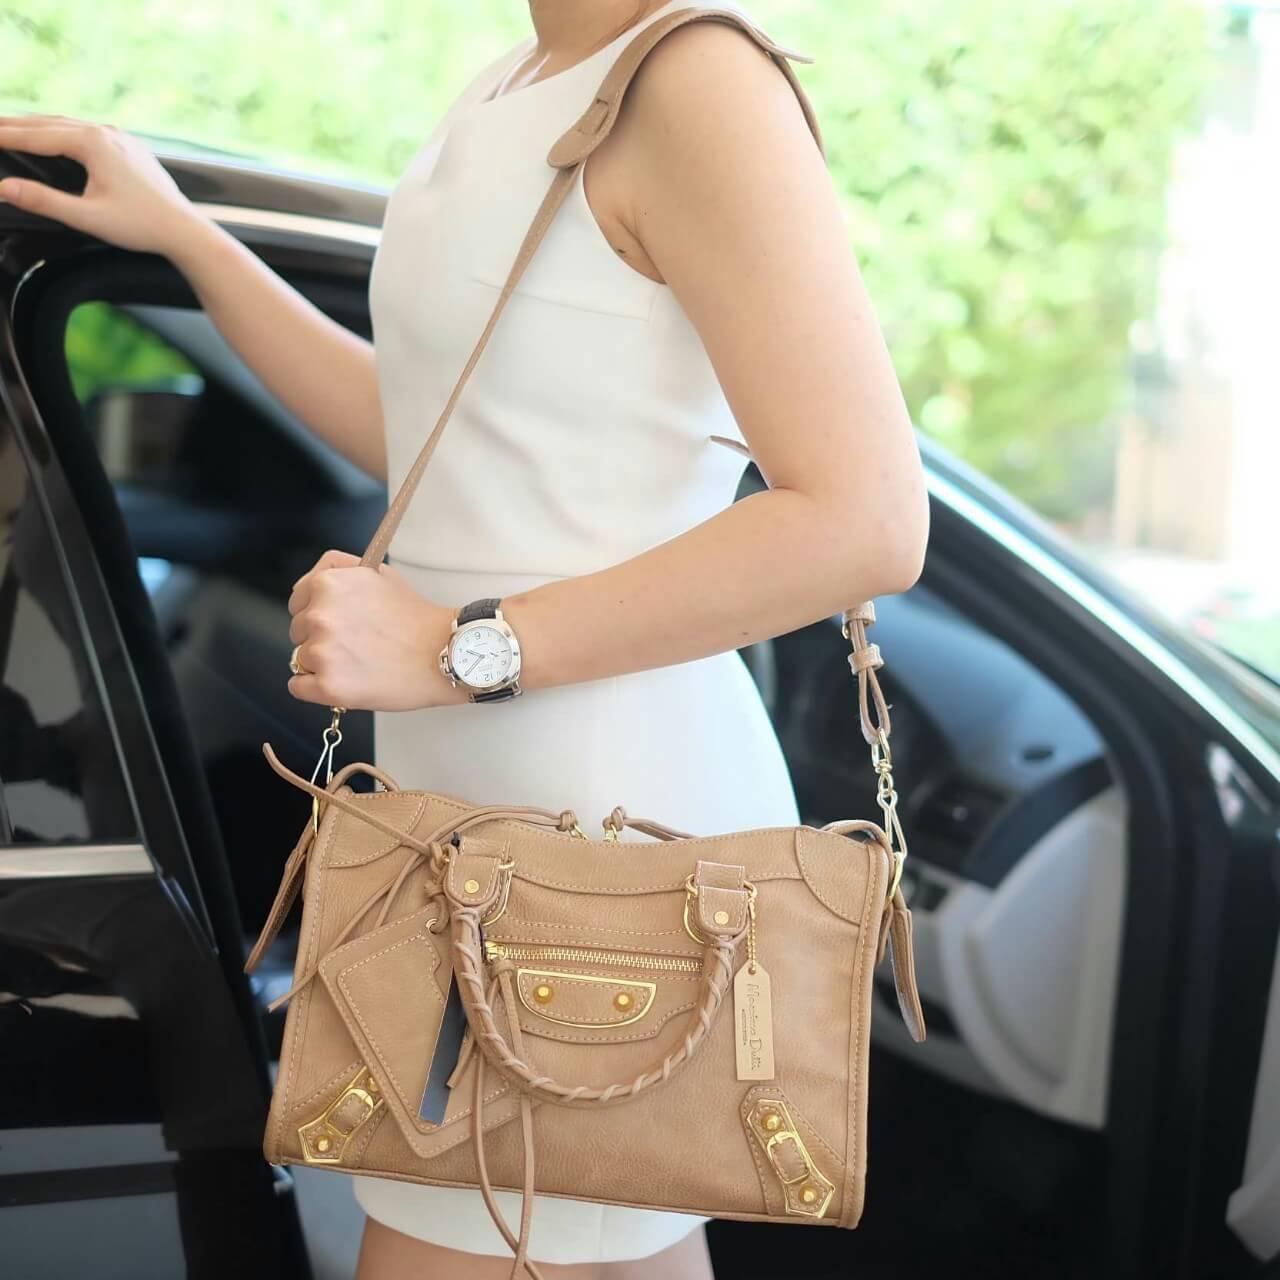 กระเป๋า Massimo Dutti nano leather Balenciaga Style ราคา 1,390 บาท Free Ems